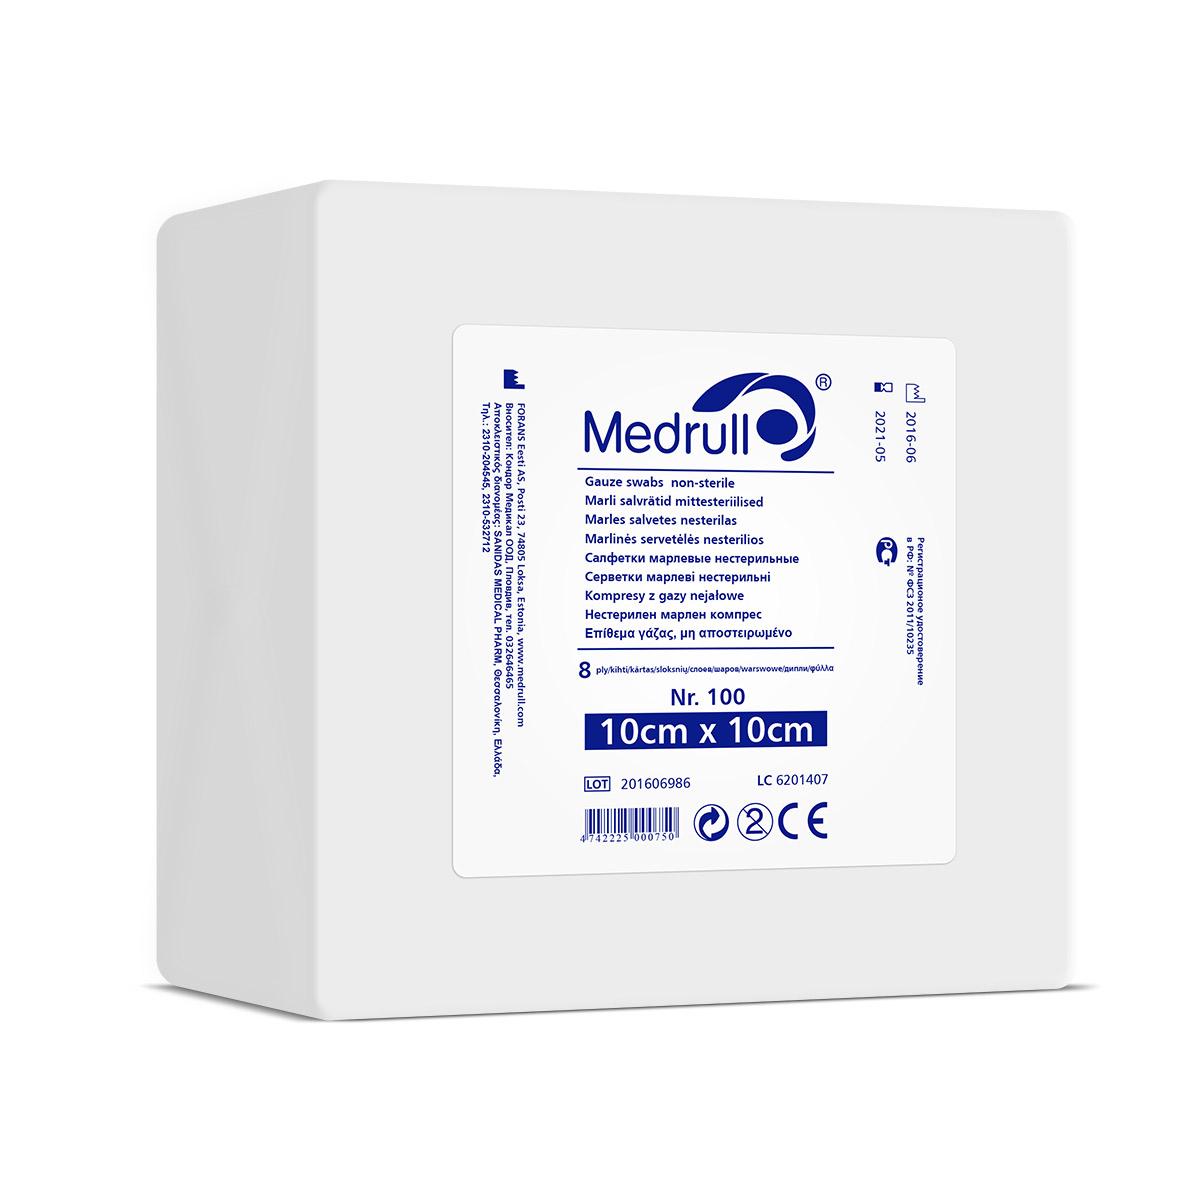 Medrull Салфетки марлевые медицинские N100, 8-слойные, нестерильные, 10х10 см4742225000750САЛФЕТКИ МАРЛЕВЫЕ НЕСТЕРИЛЬНЫЕ/8 СЛ. NR 100 Состав 100% хлопок. Структура материала 17 ниток/см2. Размер 8 сл 10см x 10см